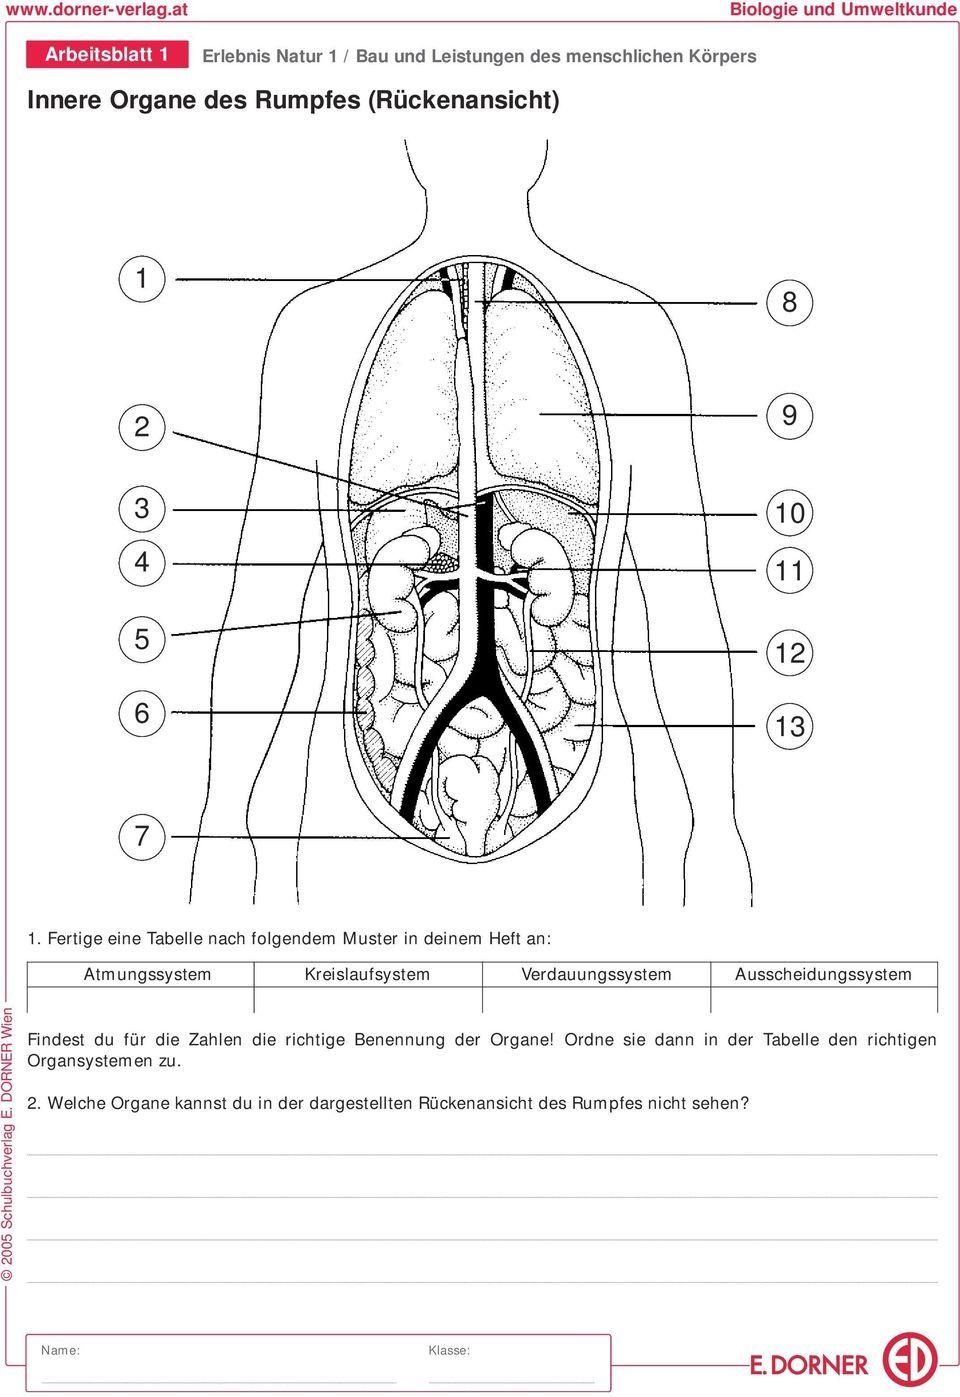 20 Verdauungssystem Arbeitsblatt Pdf Arbeitsblätter